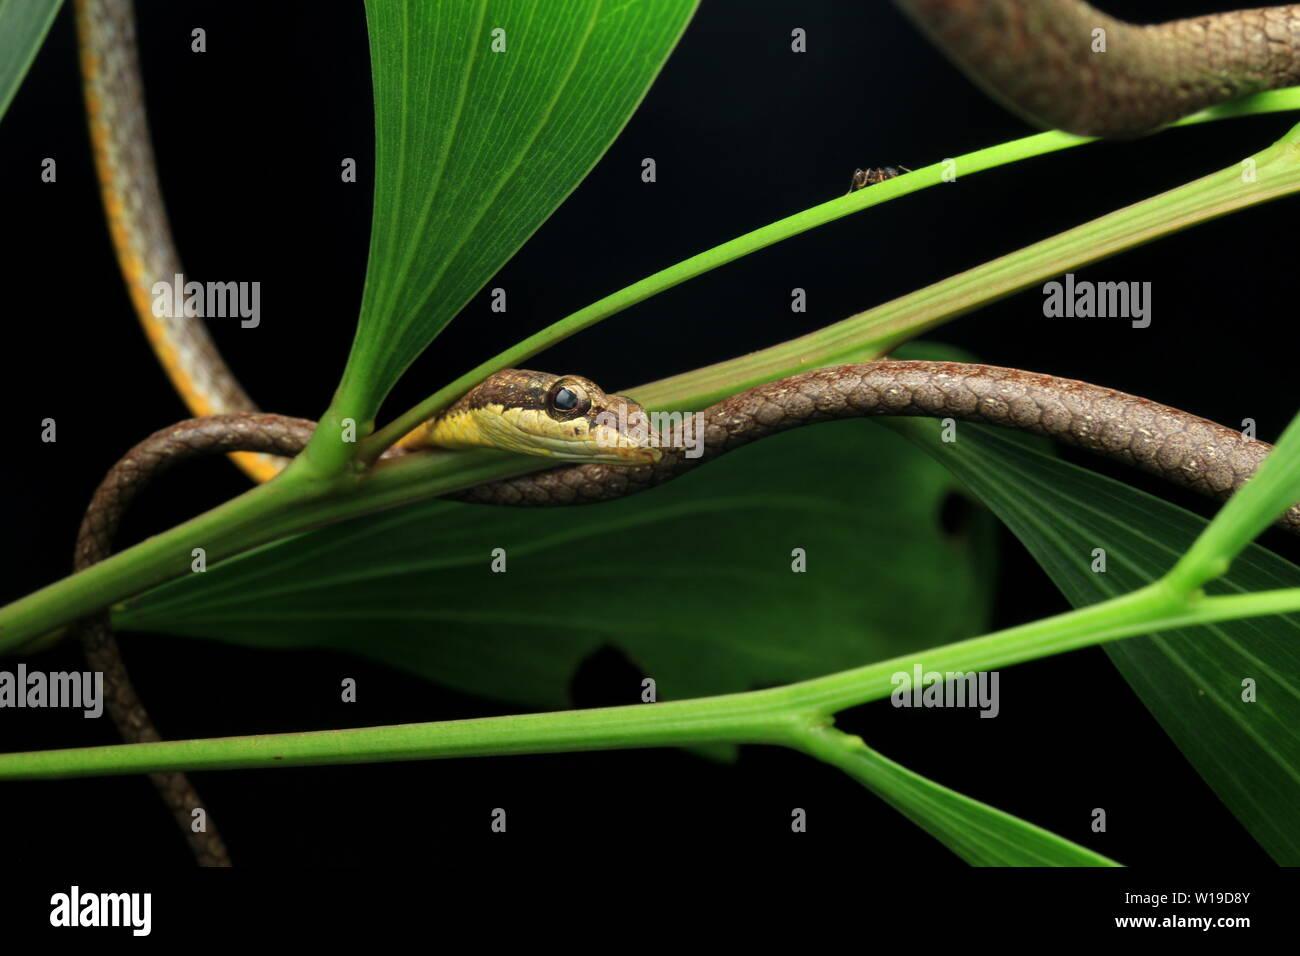 Serpent de vigne commune, whip bec long serpent, Banque D'Images